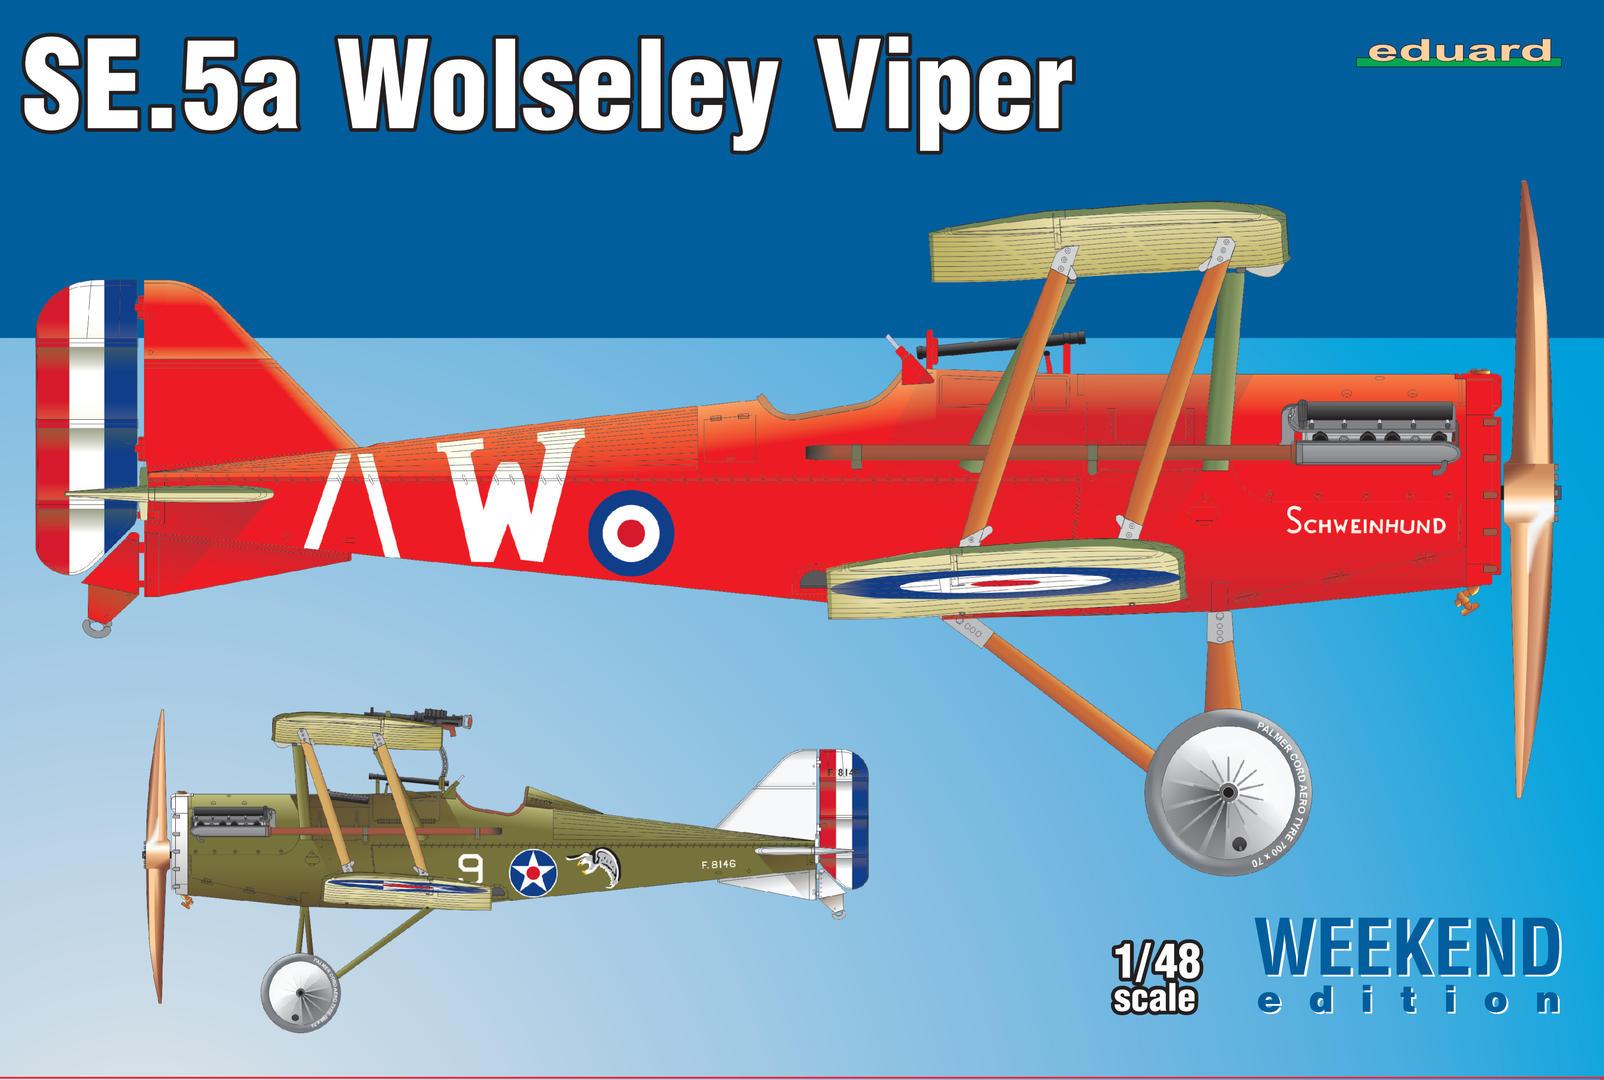 Eduard 1/48 SE.5a Wolseley Viper [Weekend Edition]